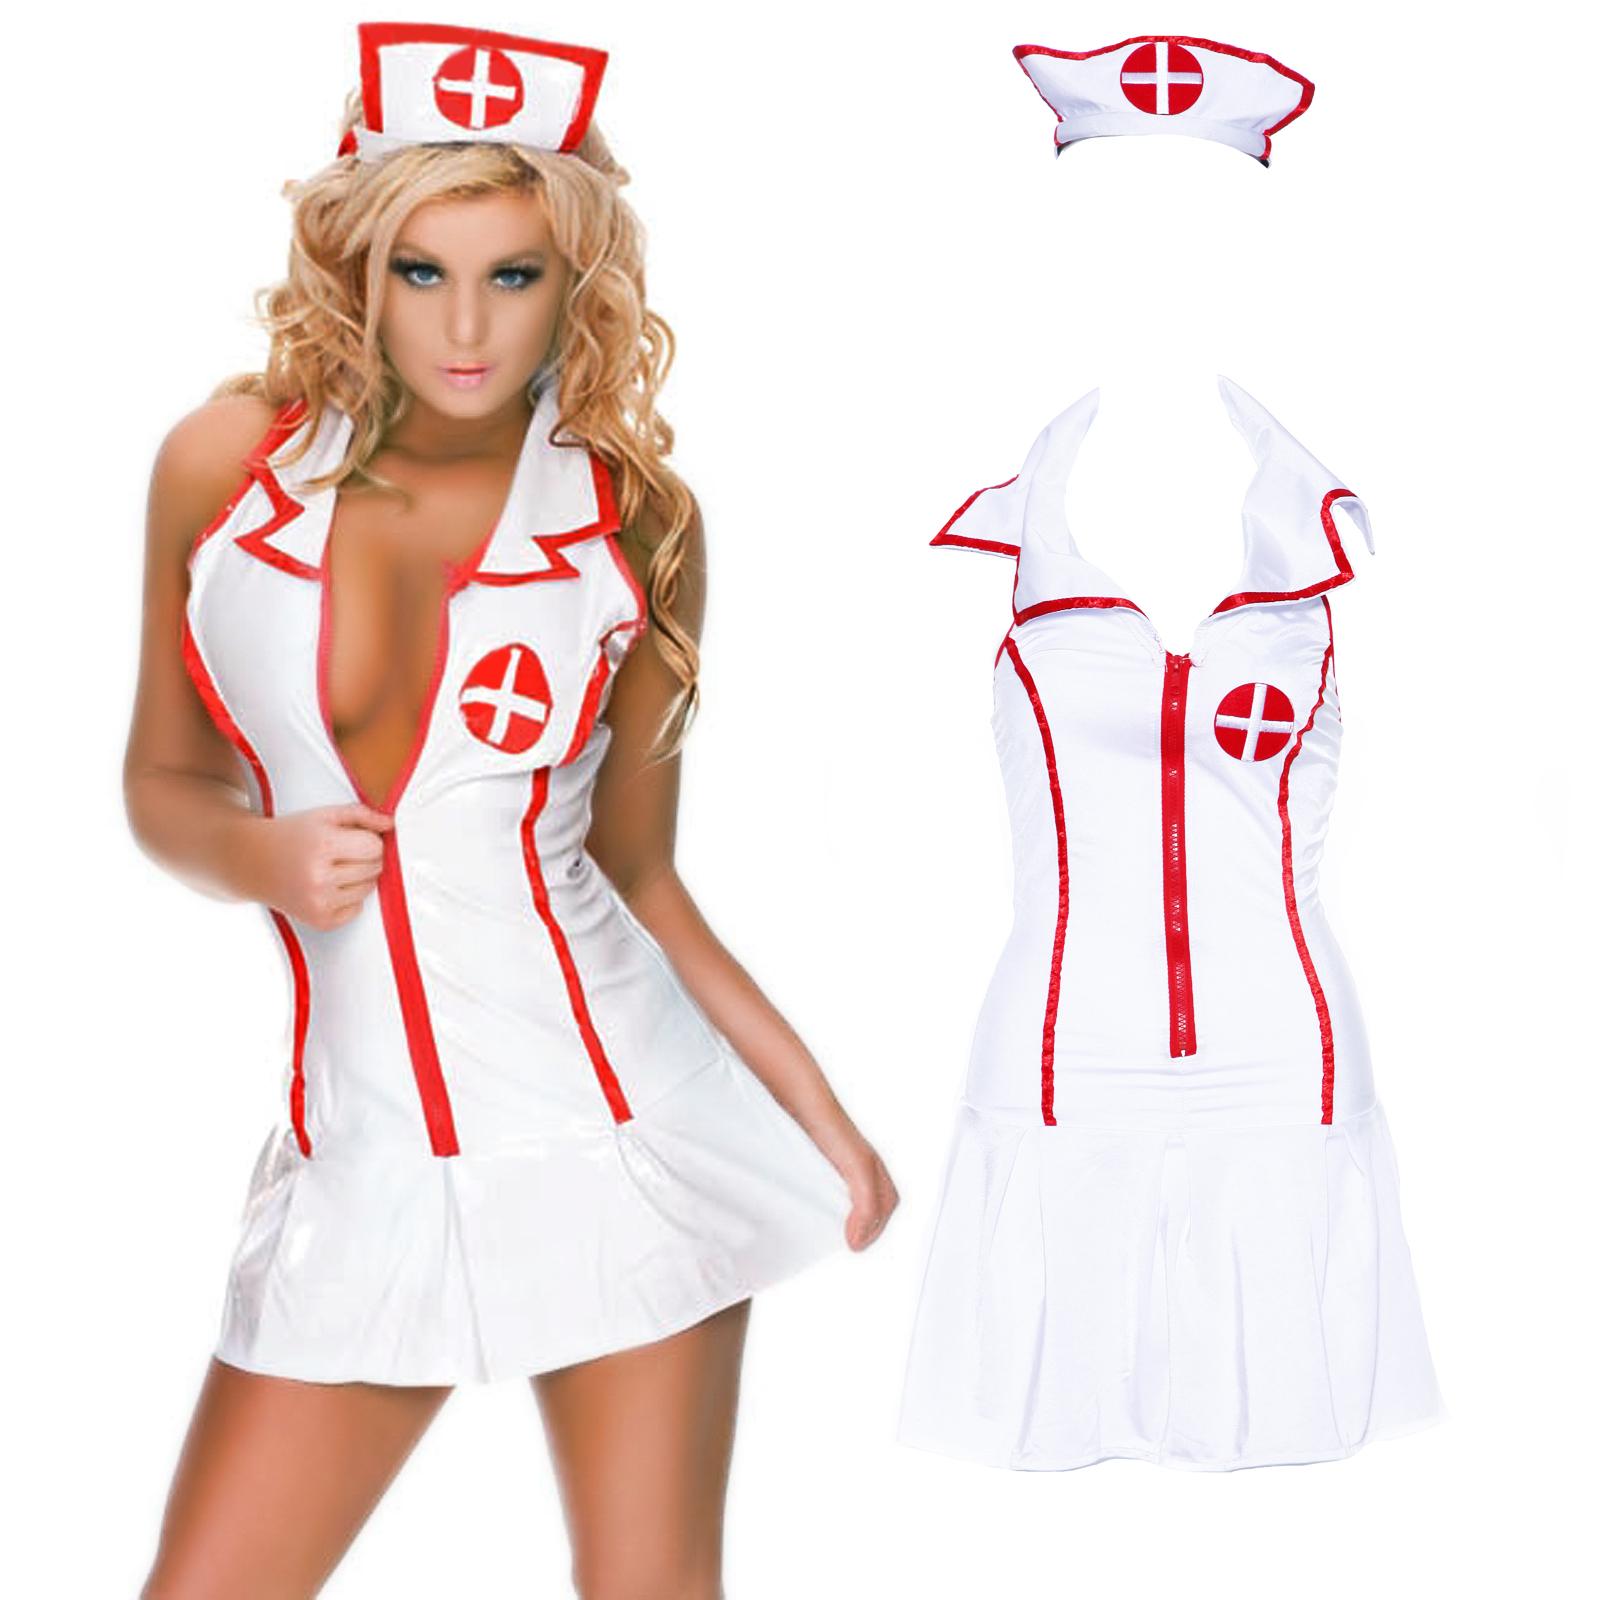 Ролевой костюм медсестры 18 фотография